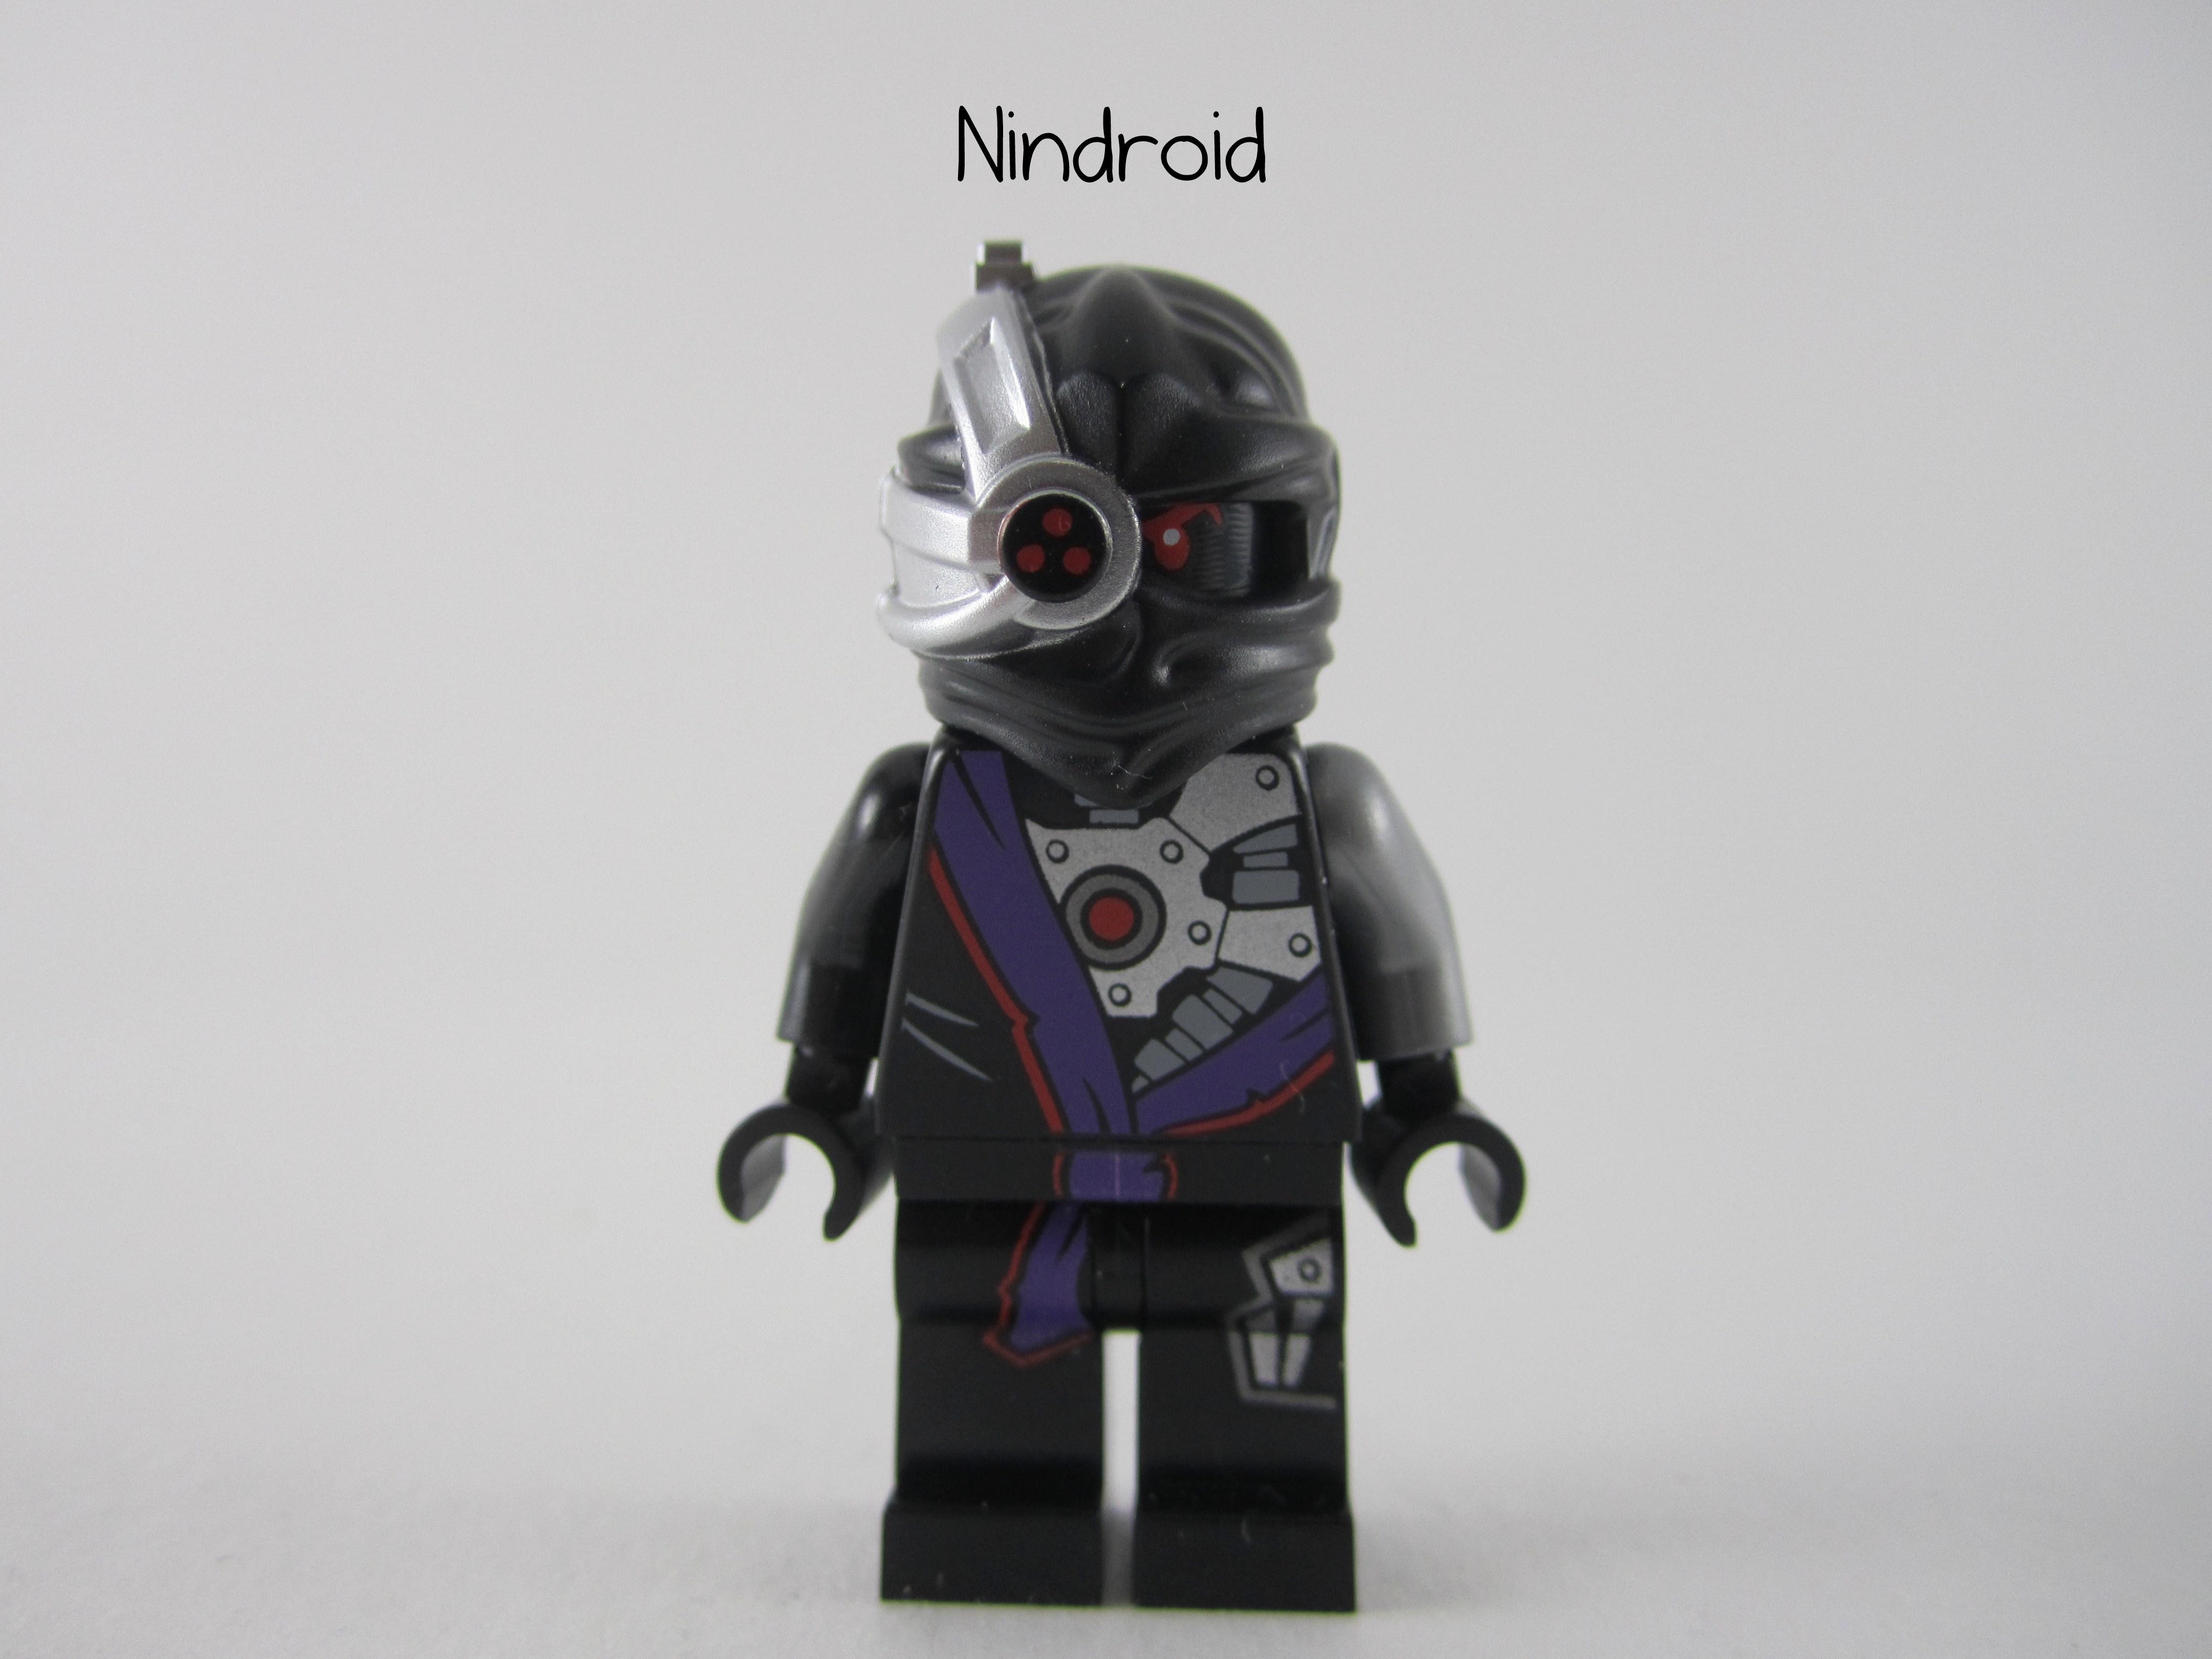 707023 - Ninjago Nindroid